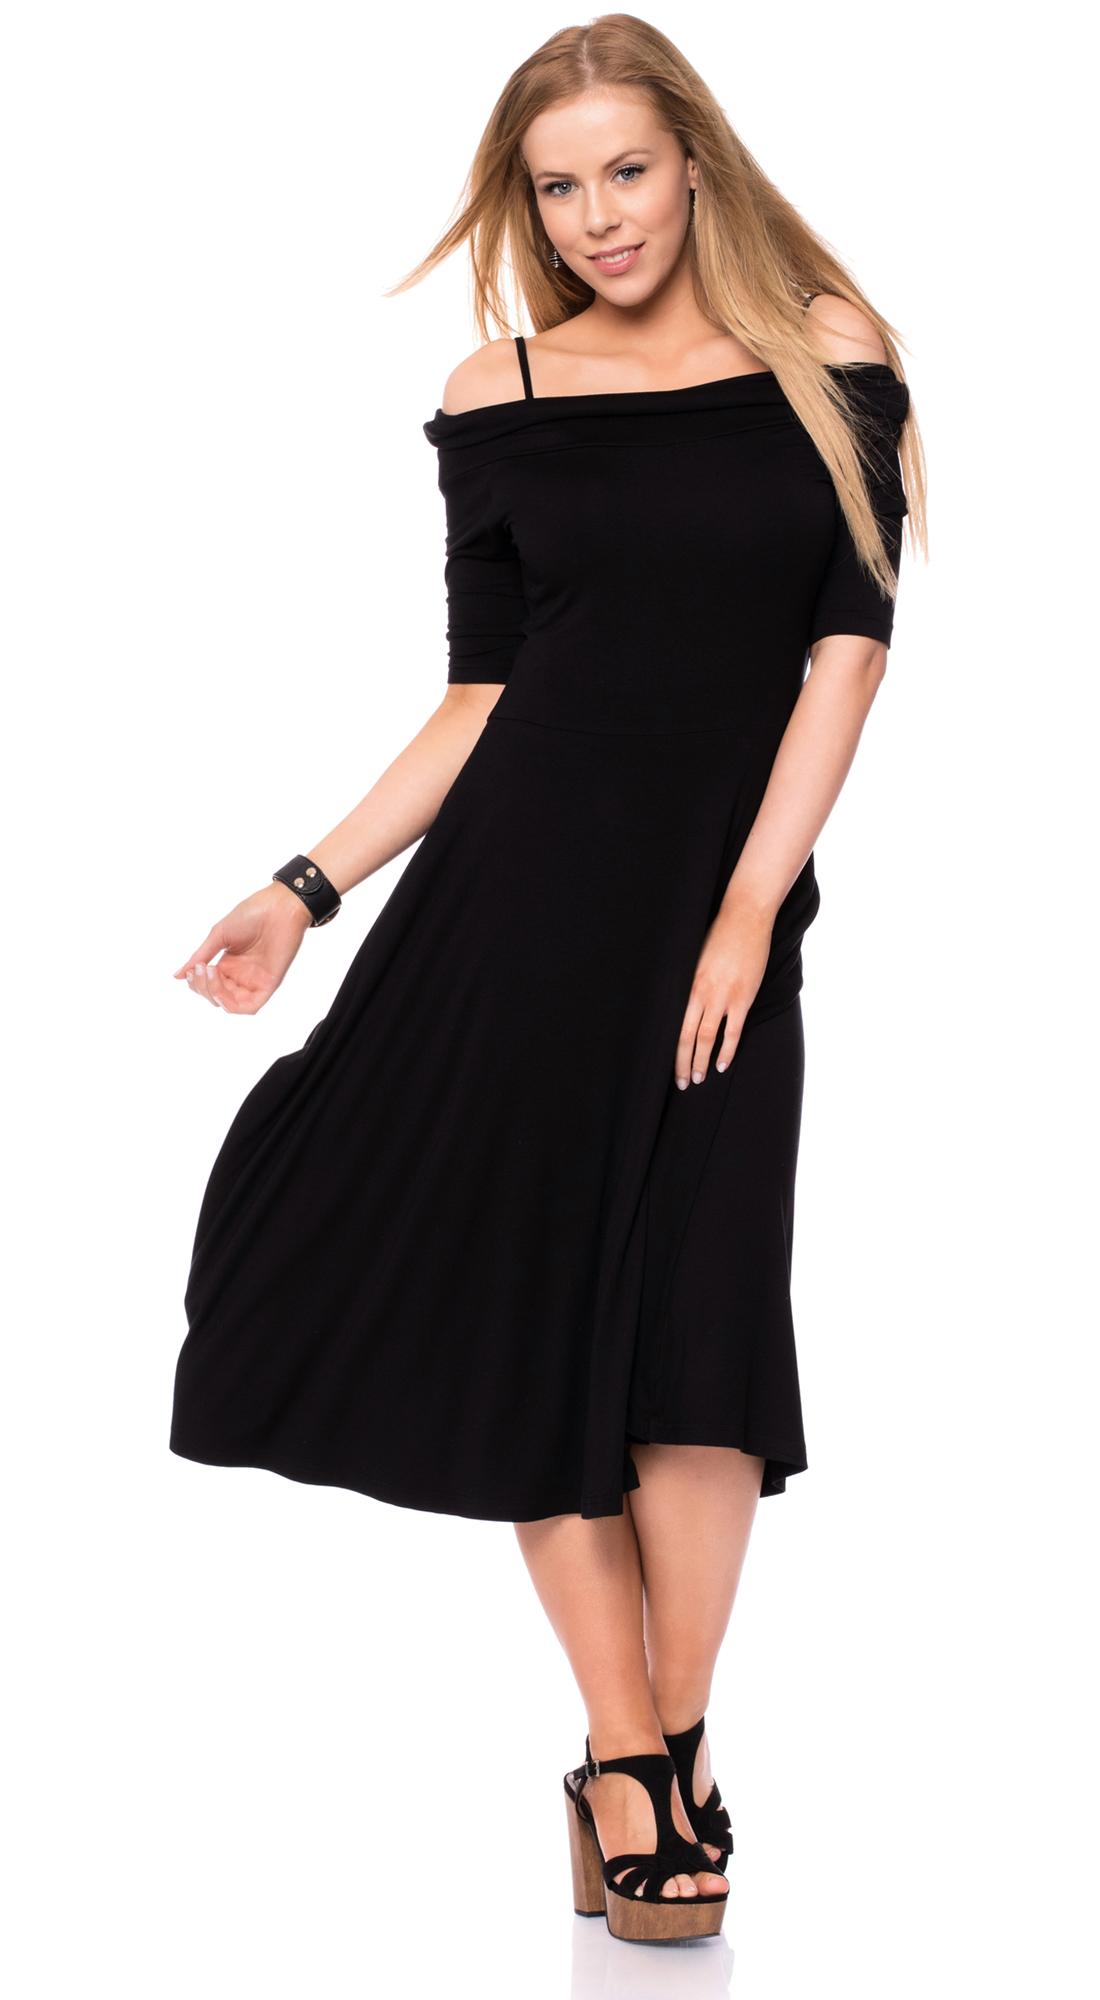 Schwarzes Elegantes Kleid - Abendkleider & elegante ...